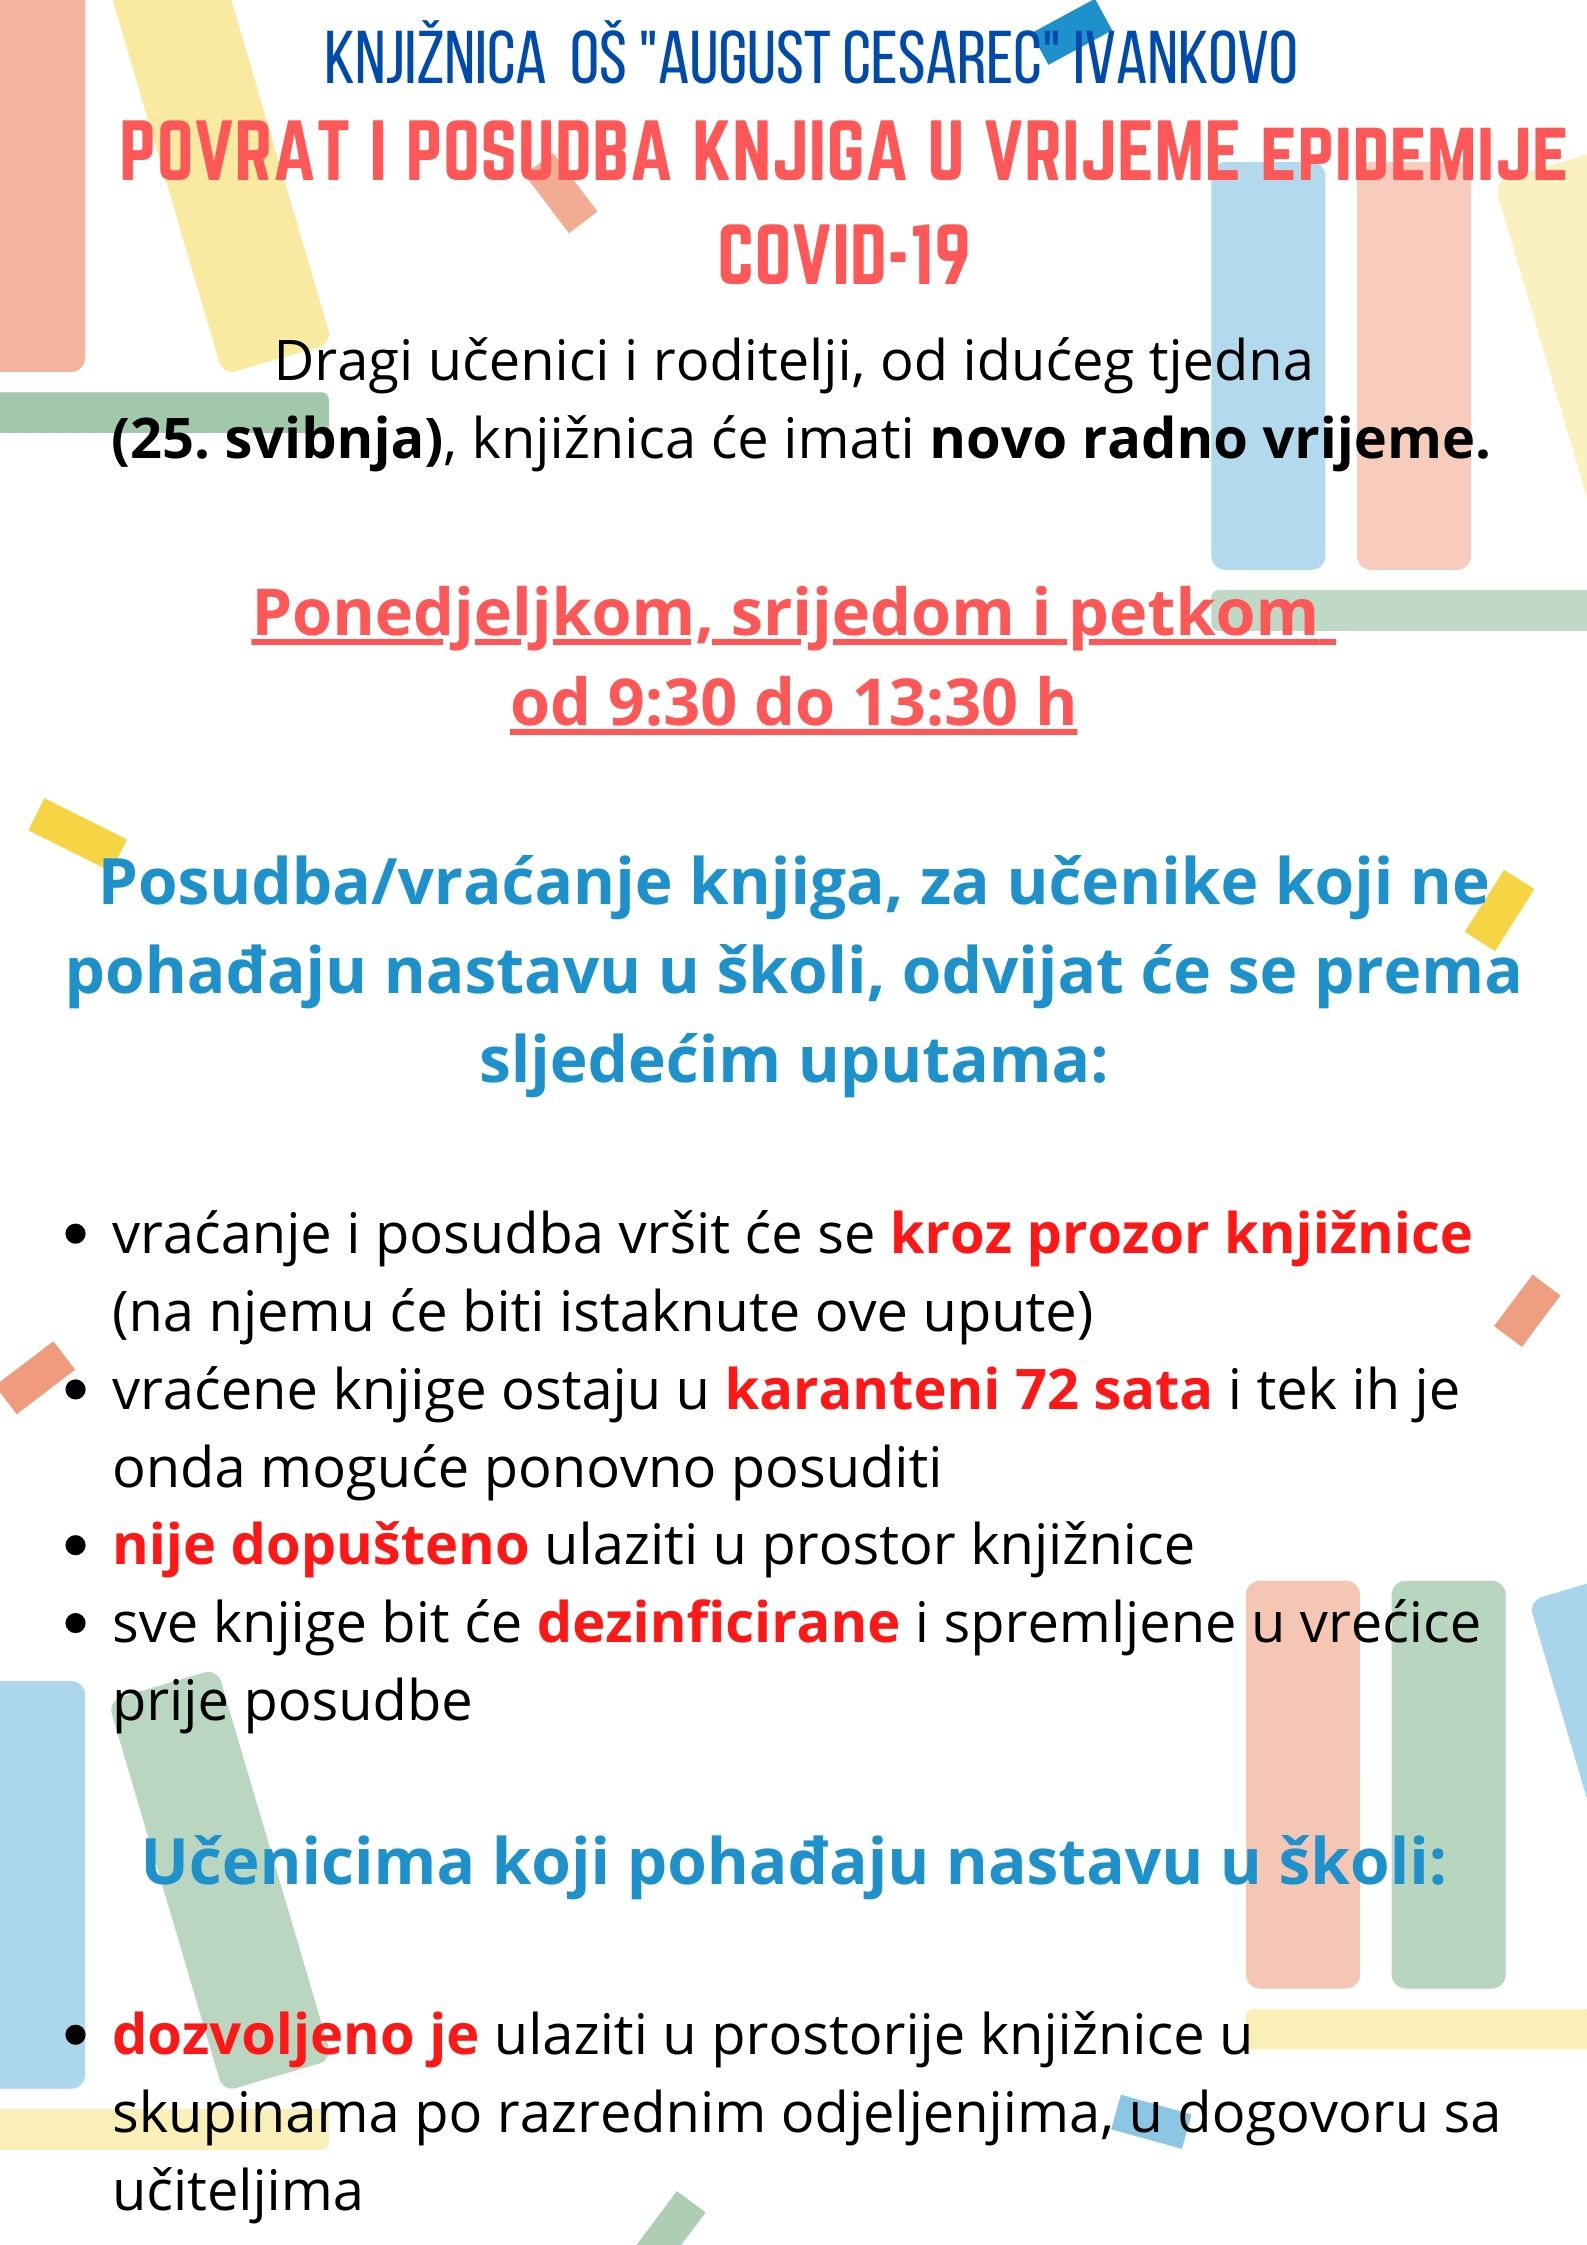 Osnovna Skola August Cesarec Ivankovo Događanja U Skolskoj